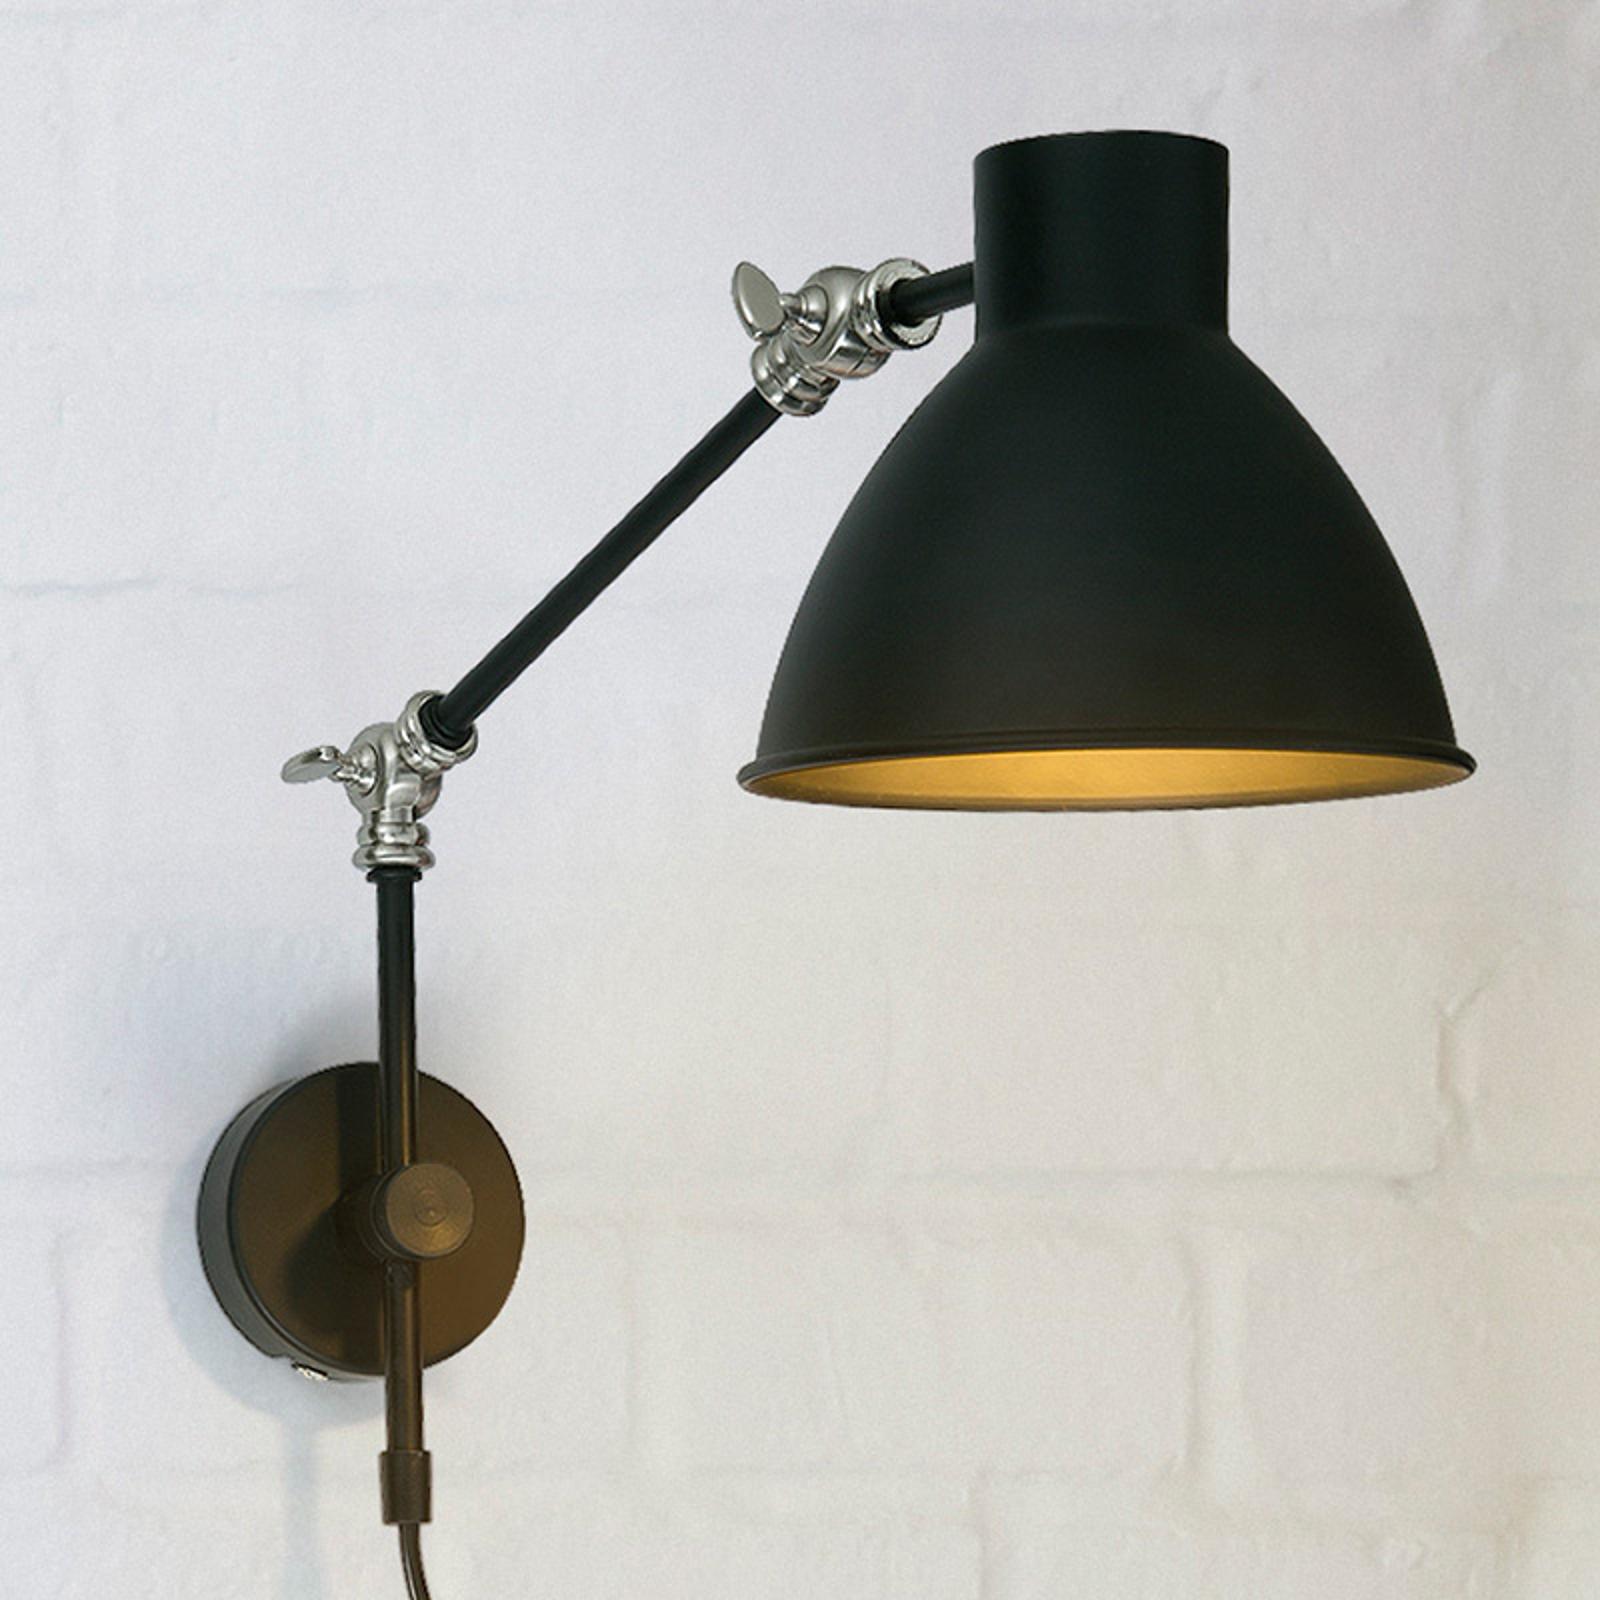 Celia wall light, adjustable, black_3507139_1